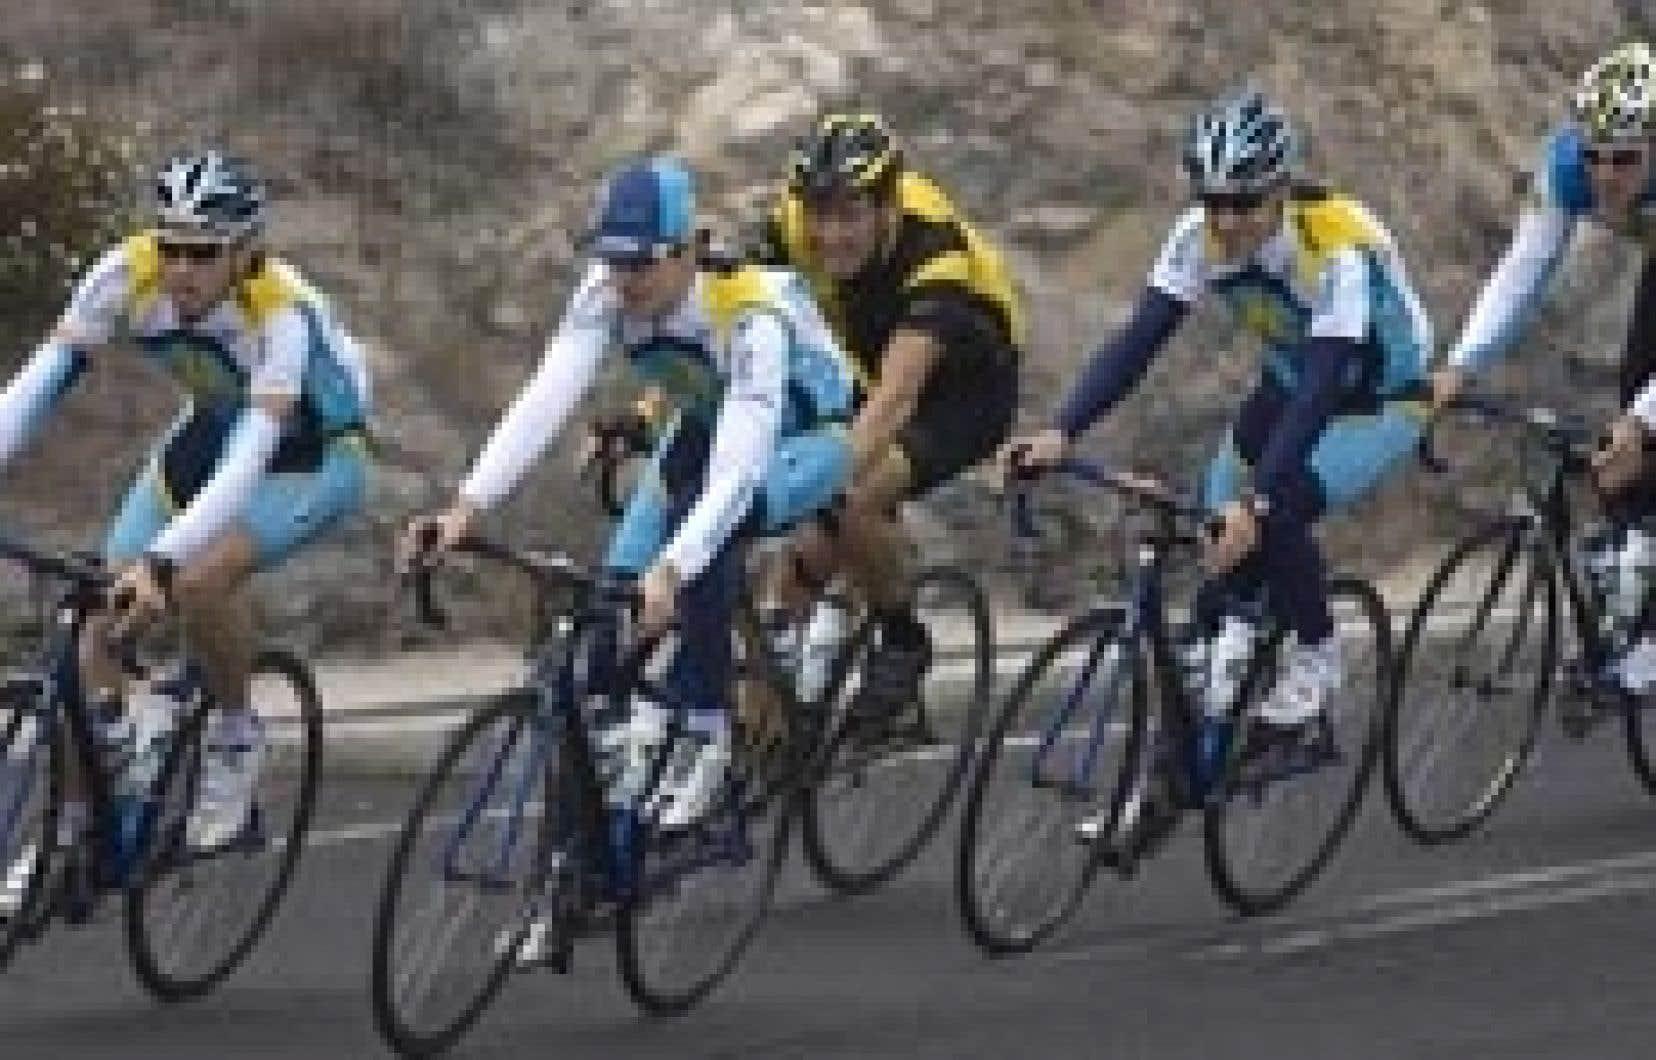 L'équipe Astana, avec Lance Armstrong (centre), a amorcé hier sa préparation pour la saison prochaine sur l'île de Tenerife, aux Canaries.